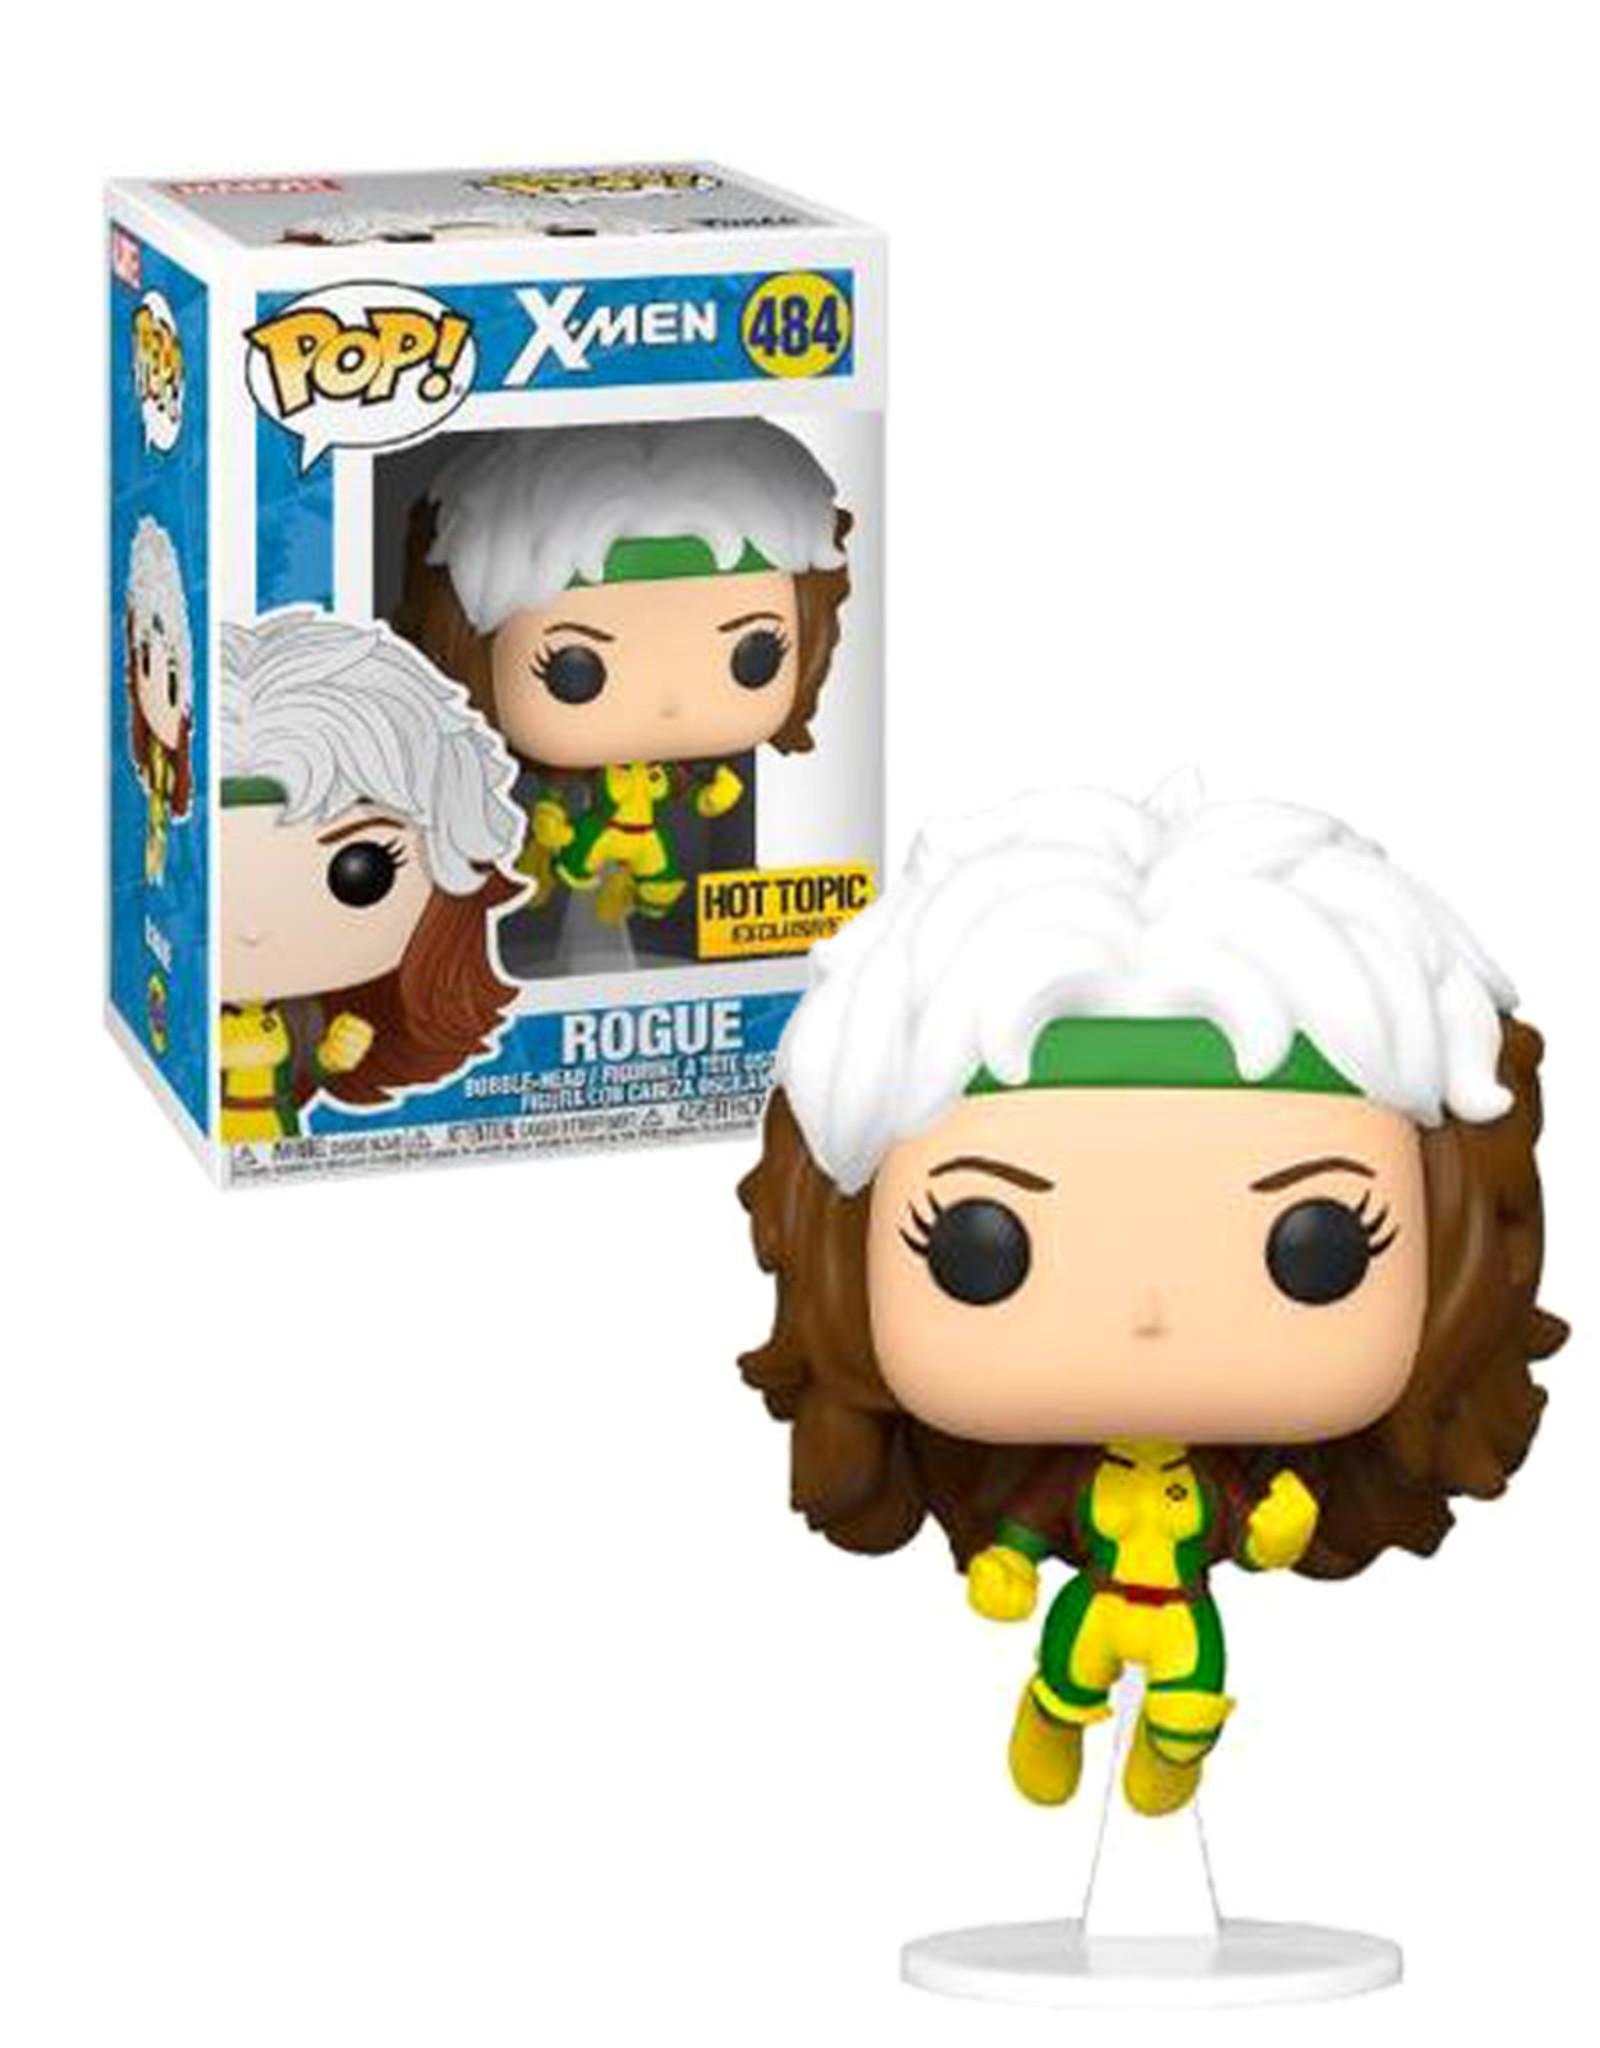 Marvel X-Men 484 ( Funko Pop ) Rogue